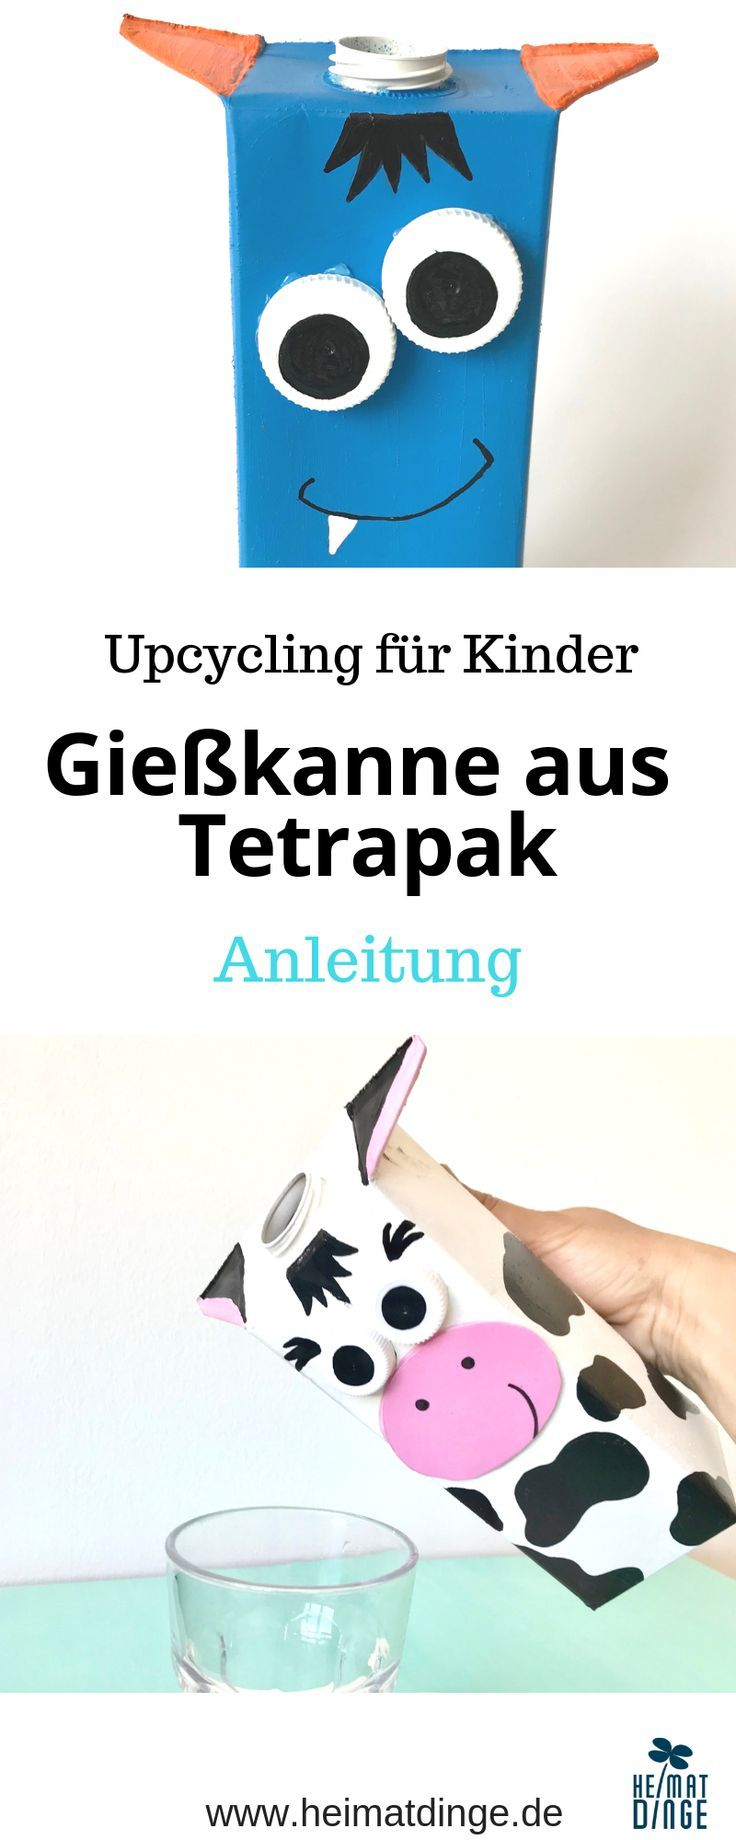 Gießkanne für Kinder: Kuh Elsa aus Tetrapak selber machen - #gartenupcycling